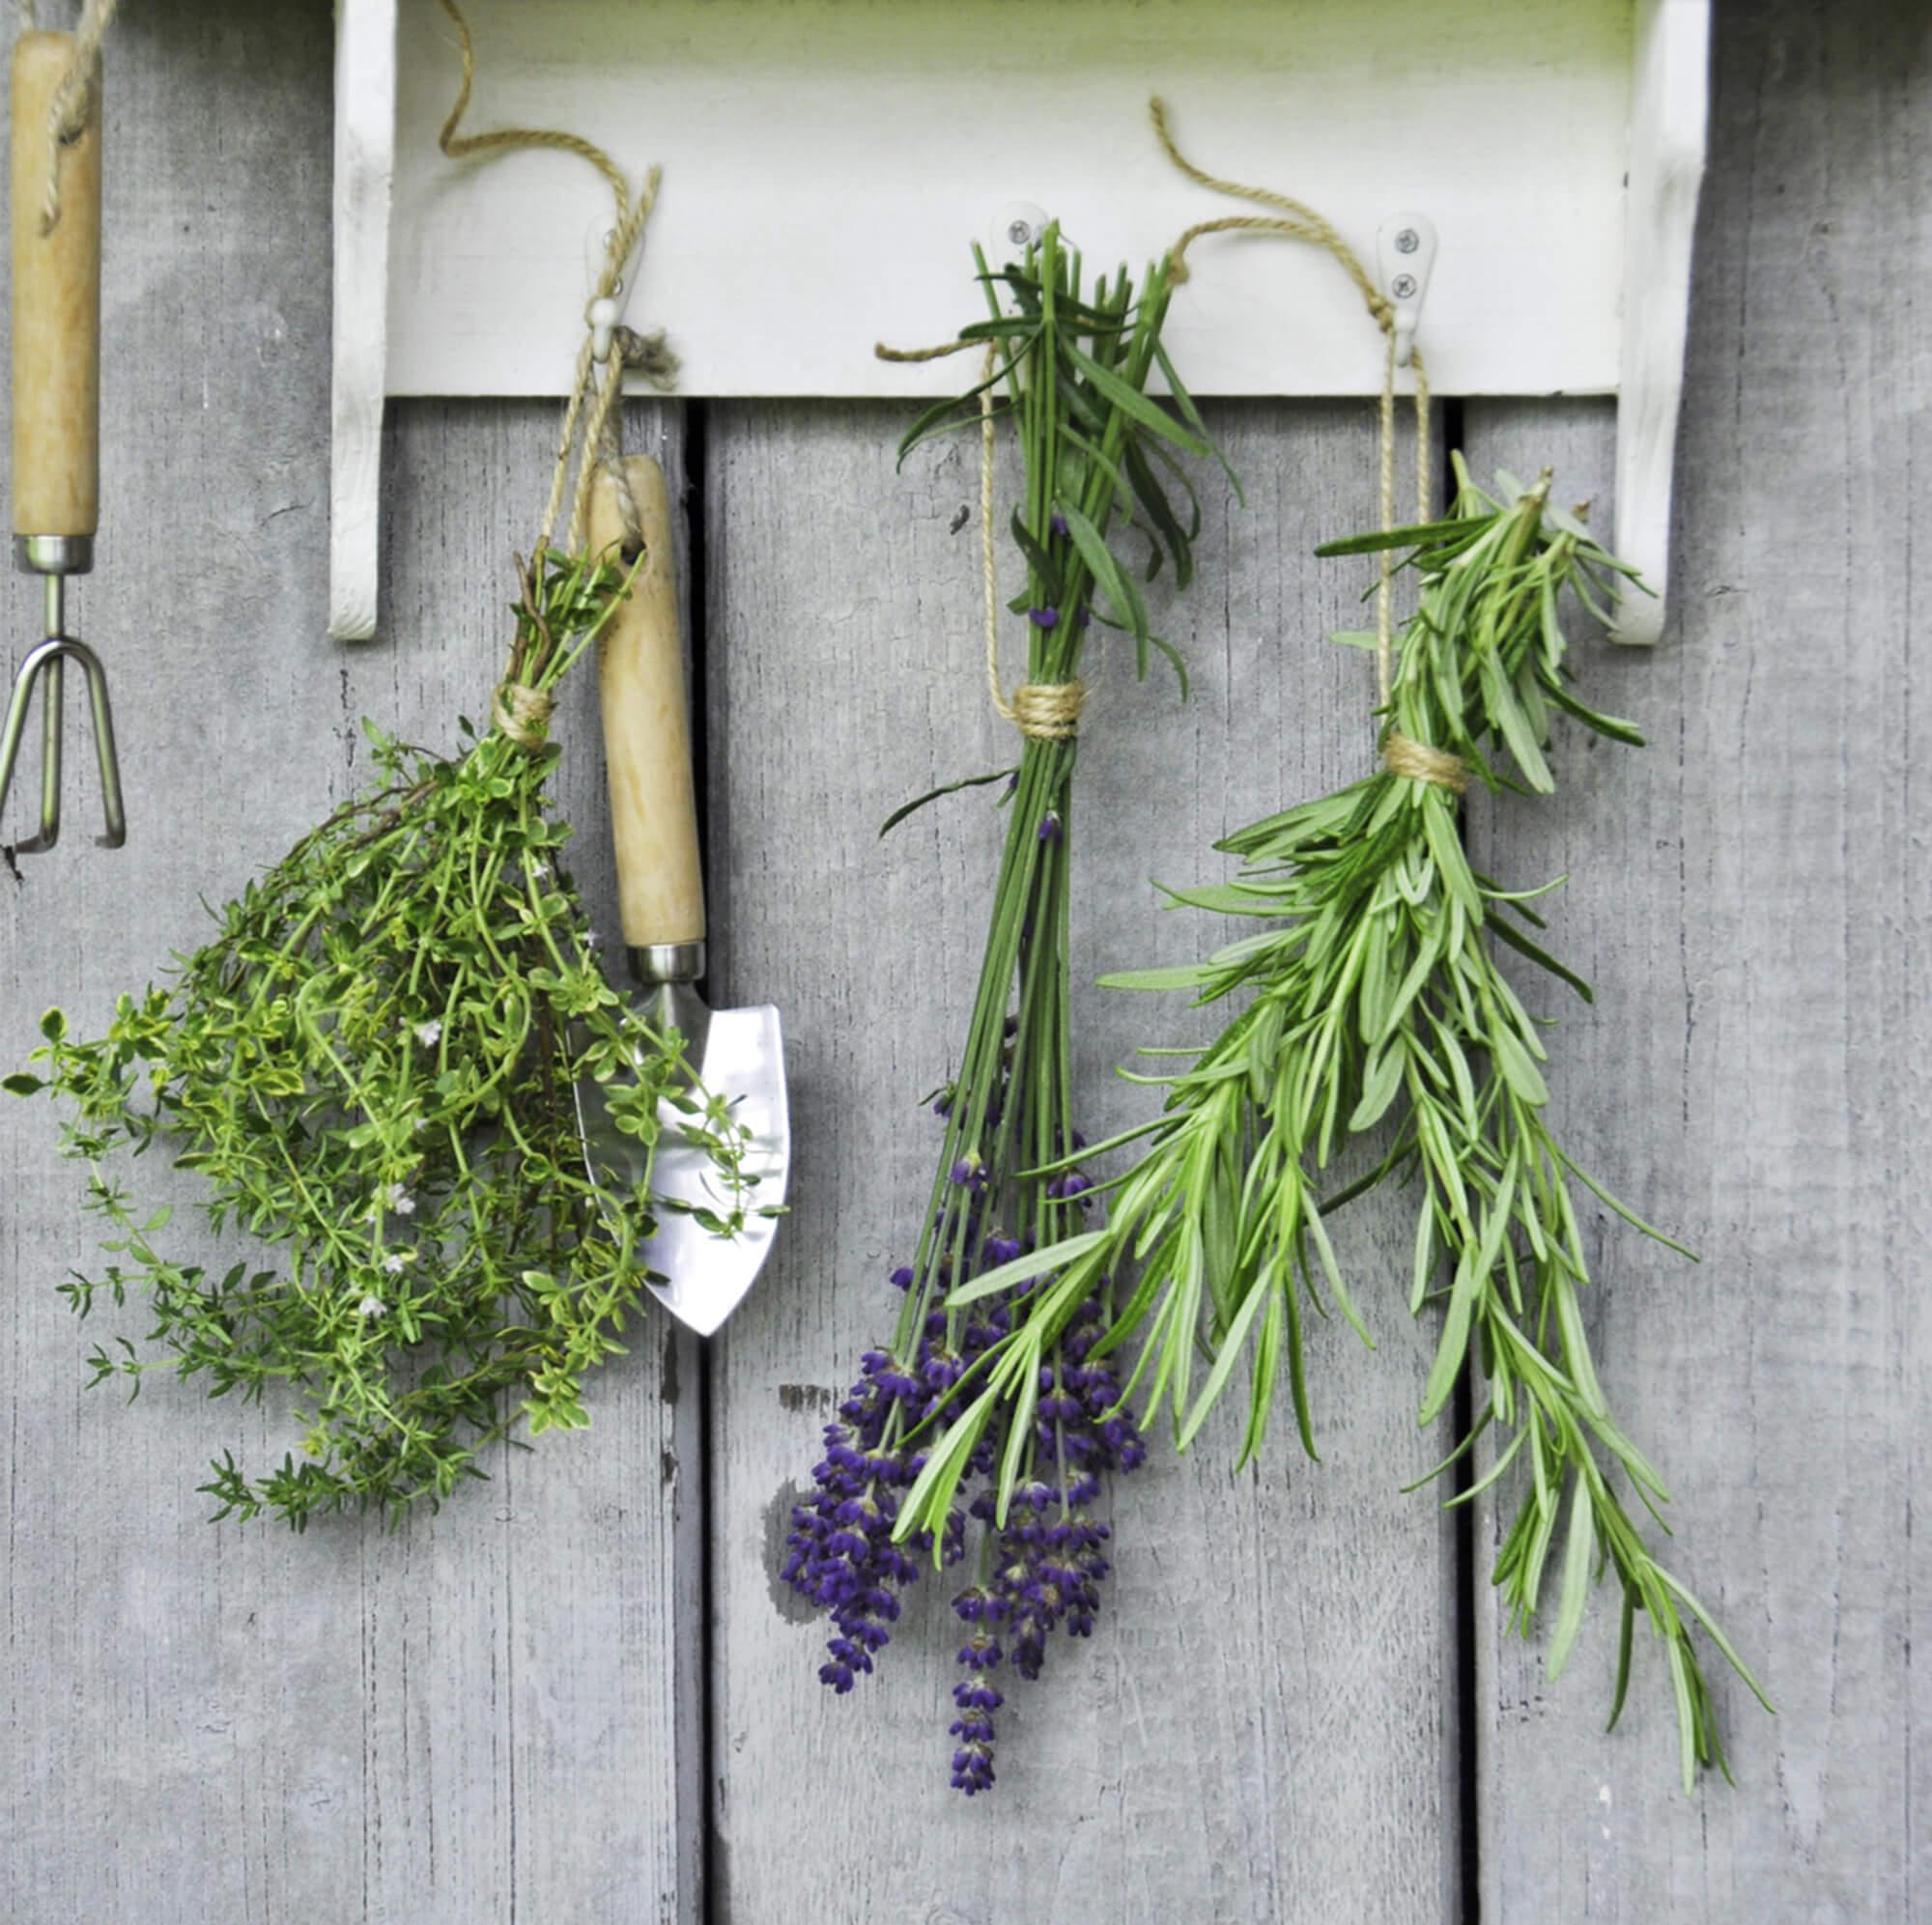 Las hierbas aromáticas se pueden secar